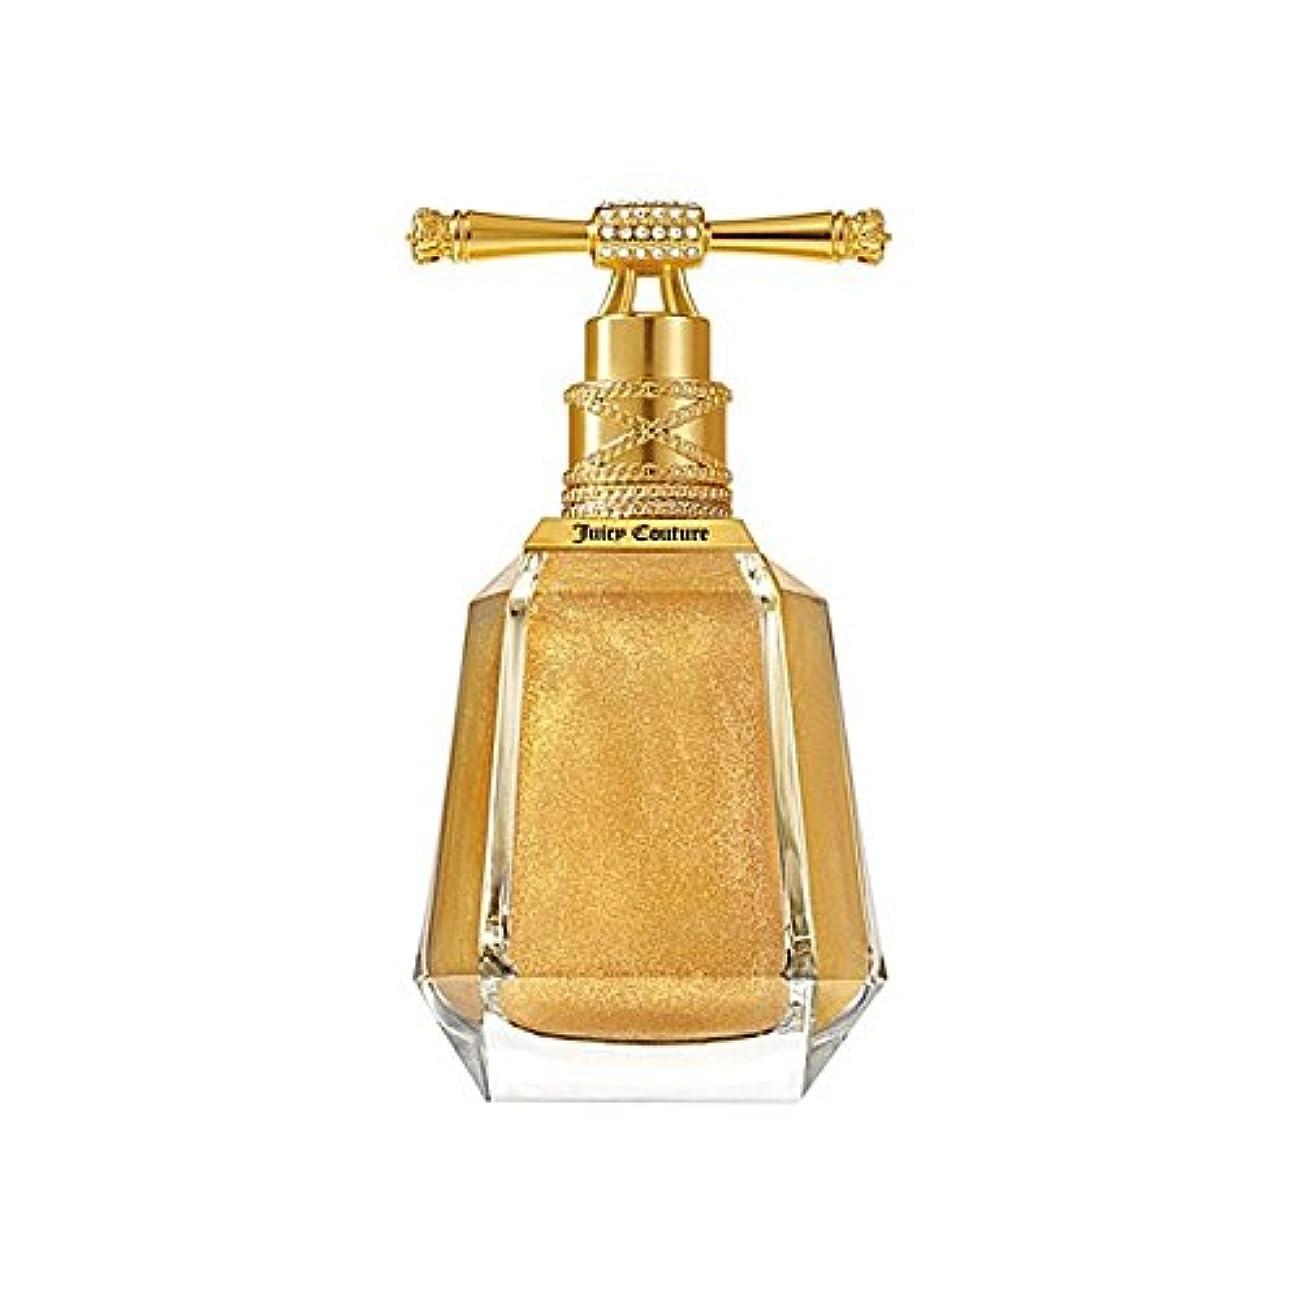 超えるシェルボールジューシークチュールドライオイルきらめきミスト100ミリリットル x4 - Juicy Couture Dry Oil Shimmer Mist 100ml (Pack of 4) [並行輸入品]